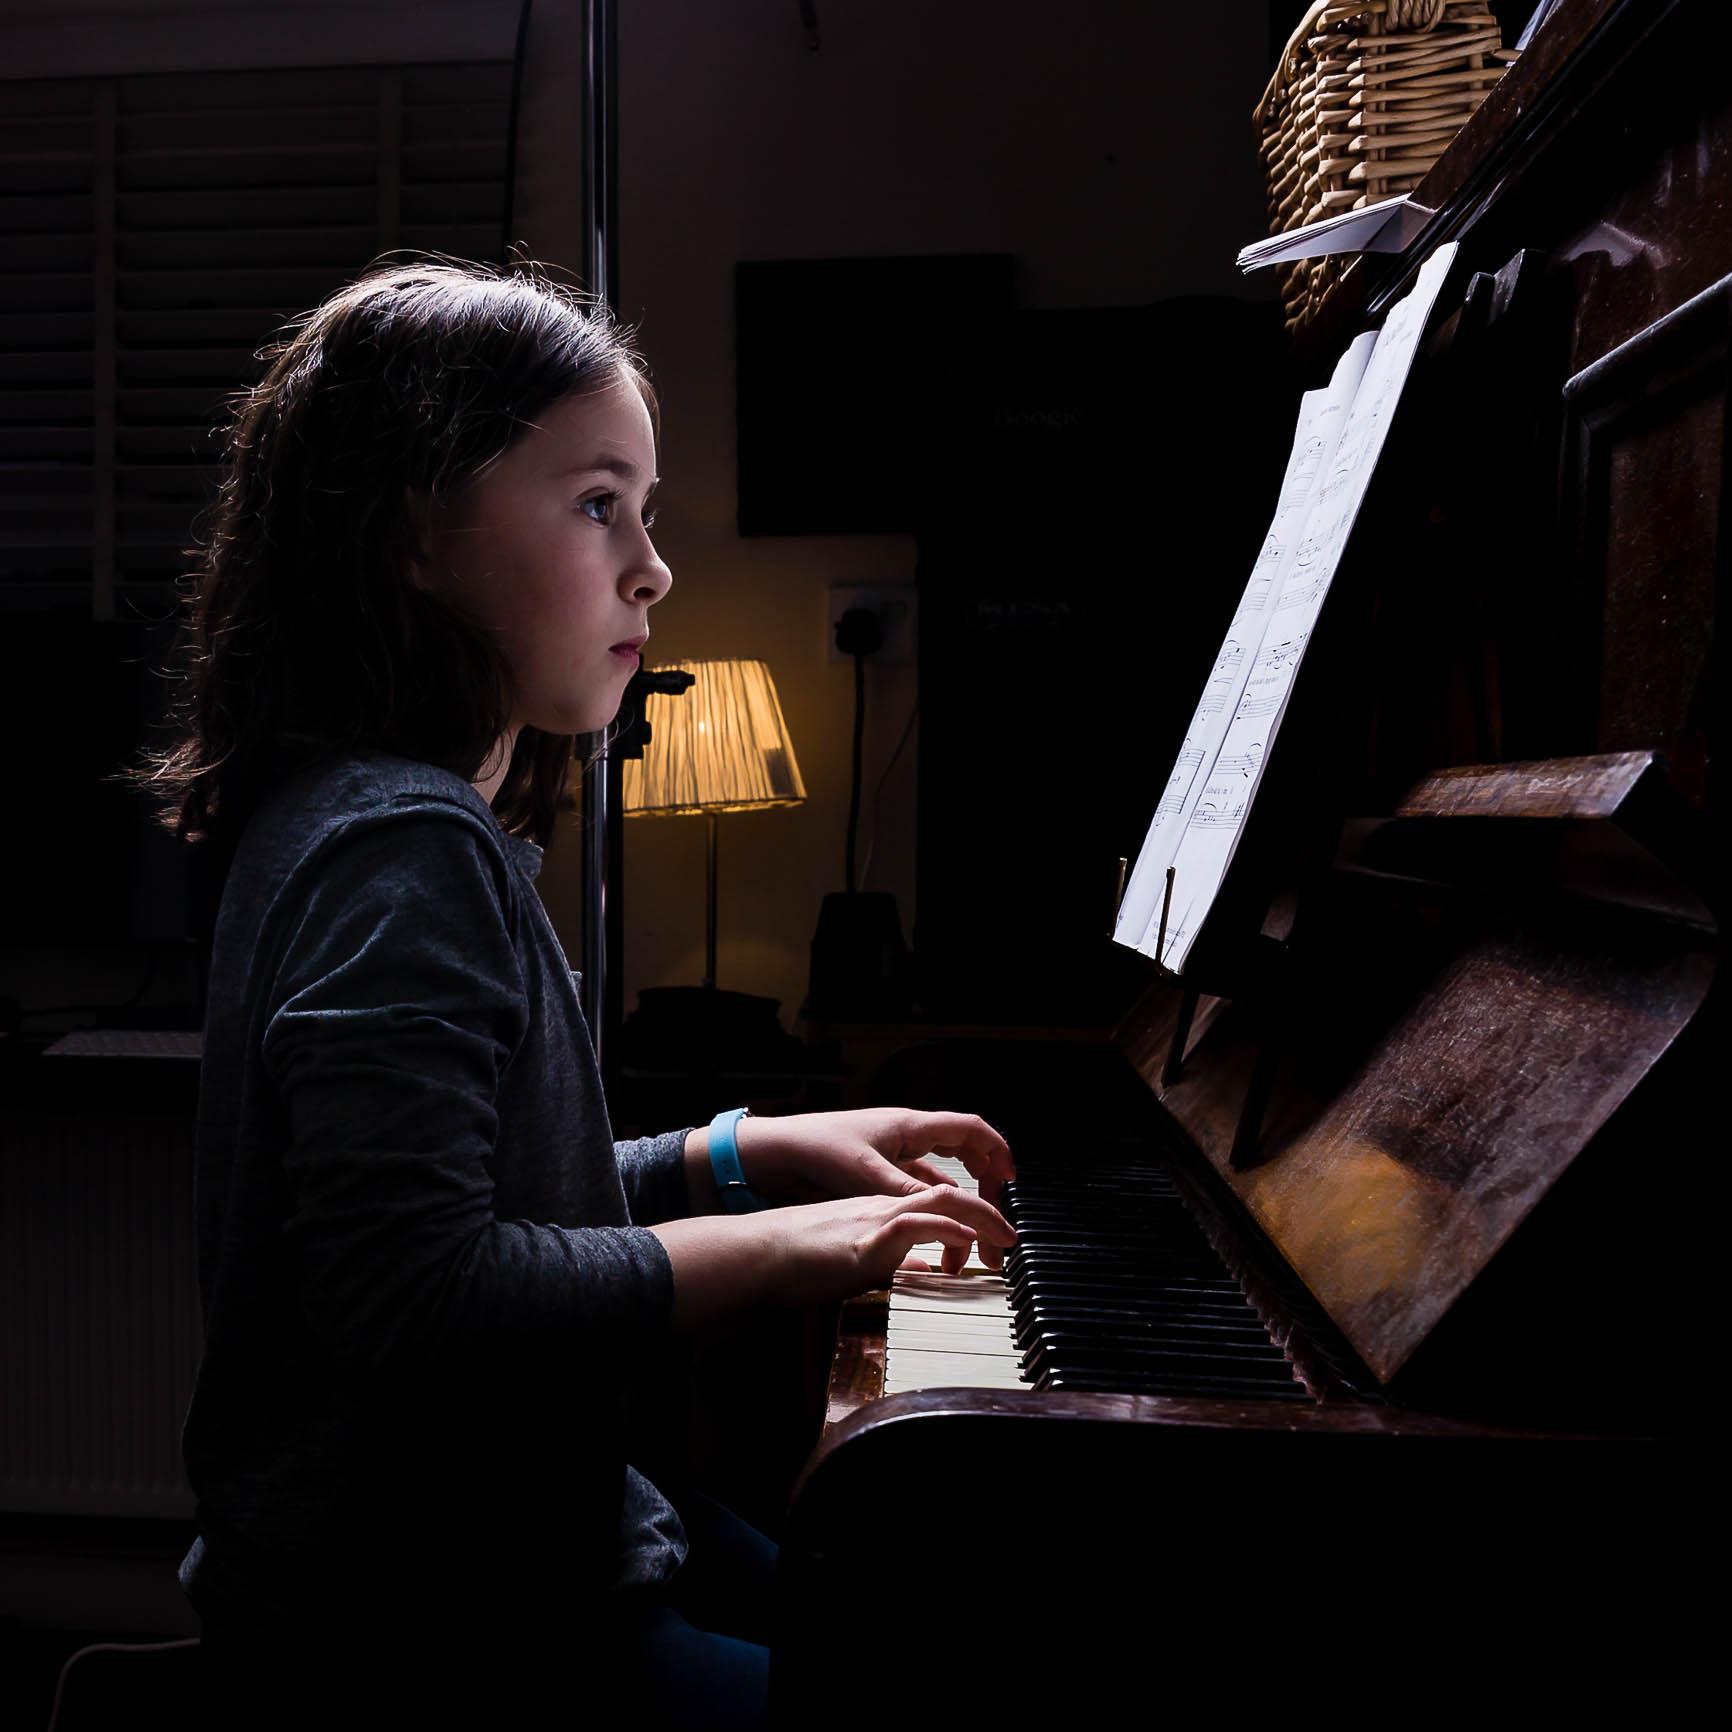 Kate at Piano Glossy (1 of 1).jpg